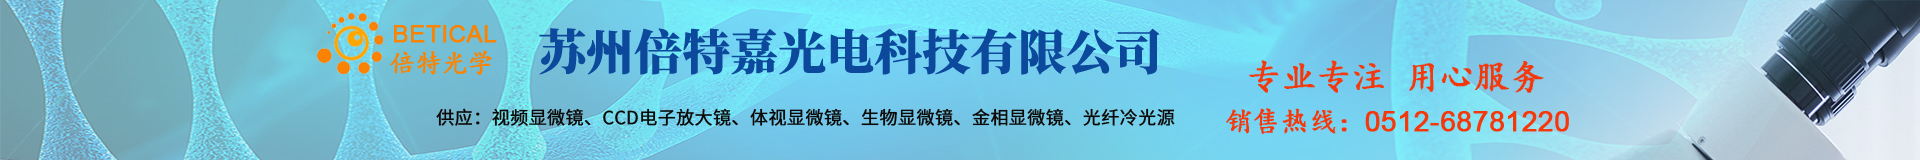 苏州倍特嘉光电科技有限公司